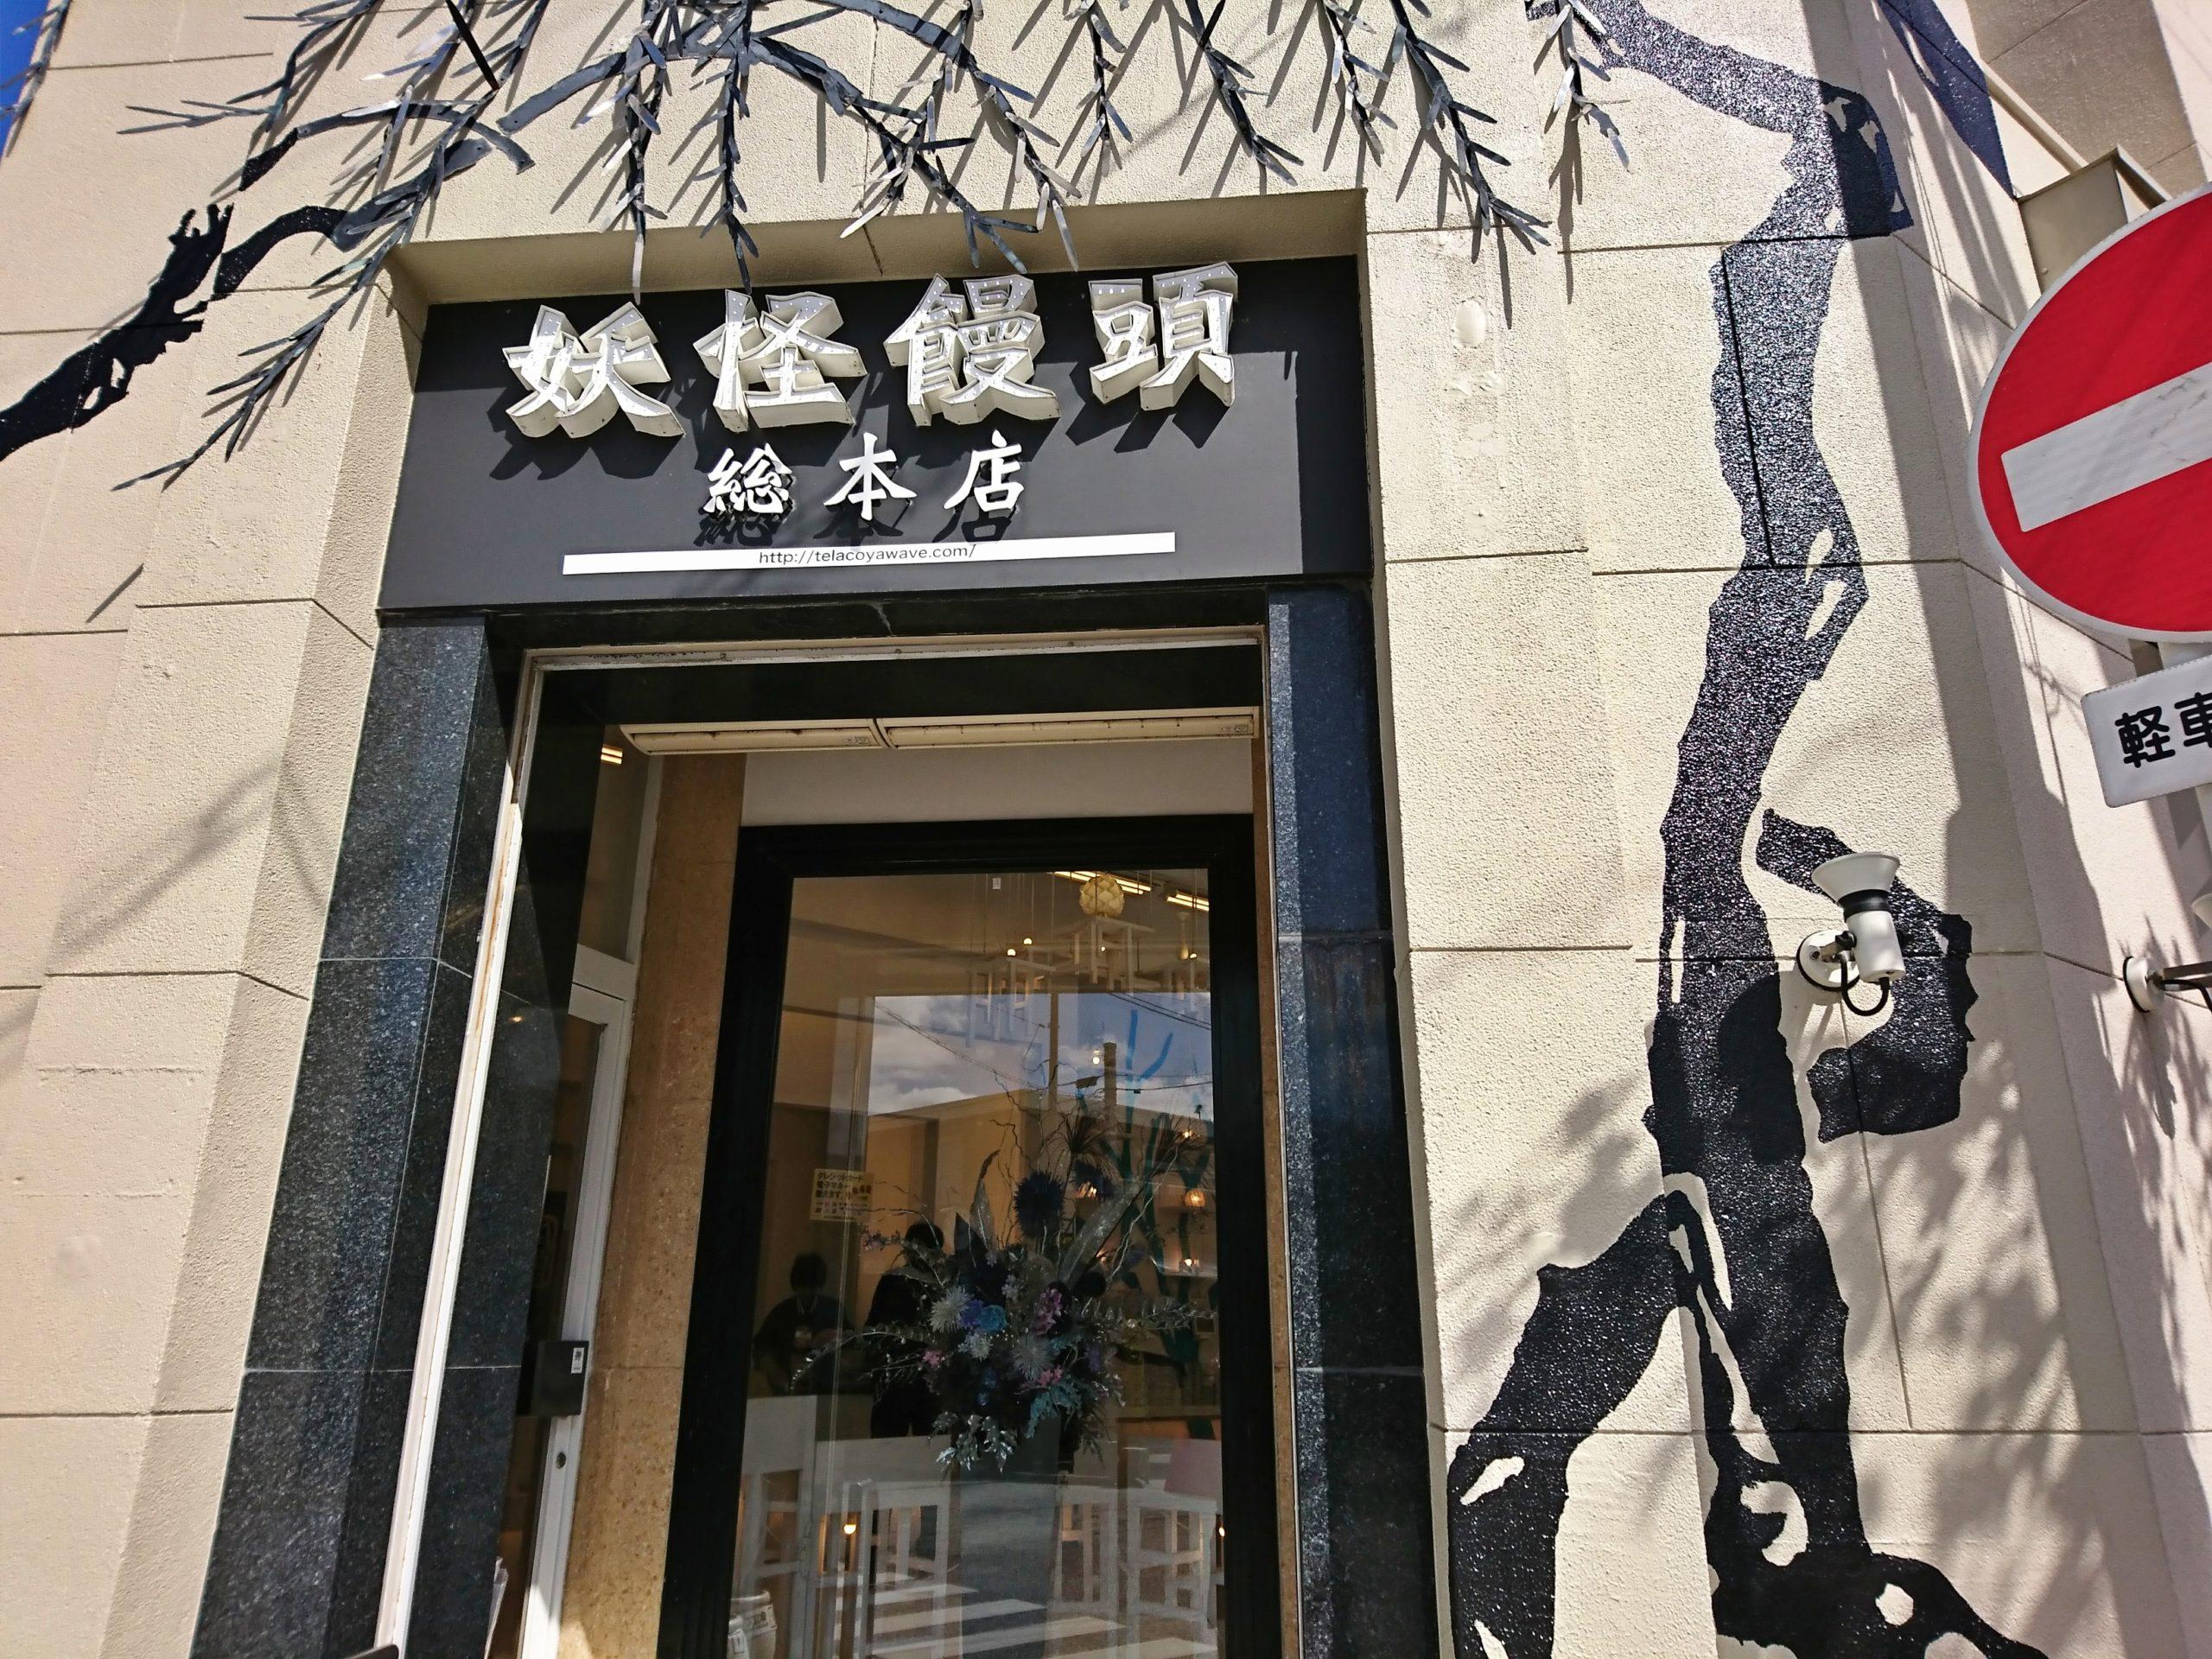 境港の鬼太郎ロードにある妖怪饅頭総本店